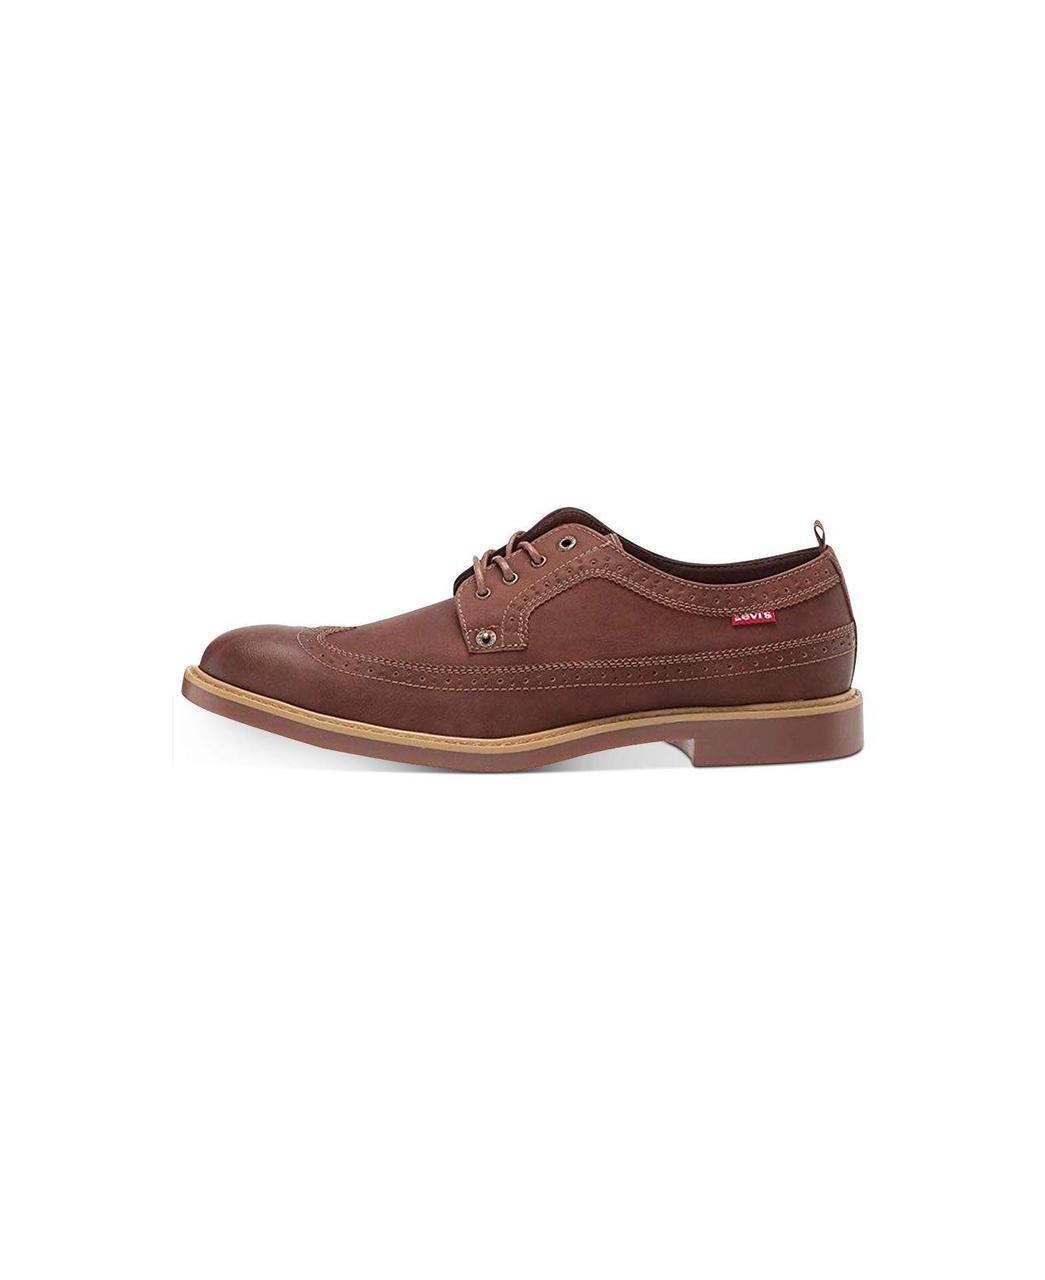 Levi's Мужские туфли - Е2